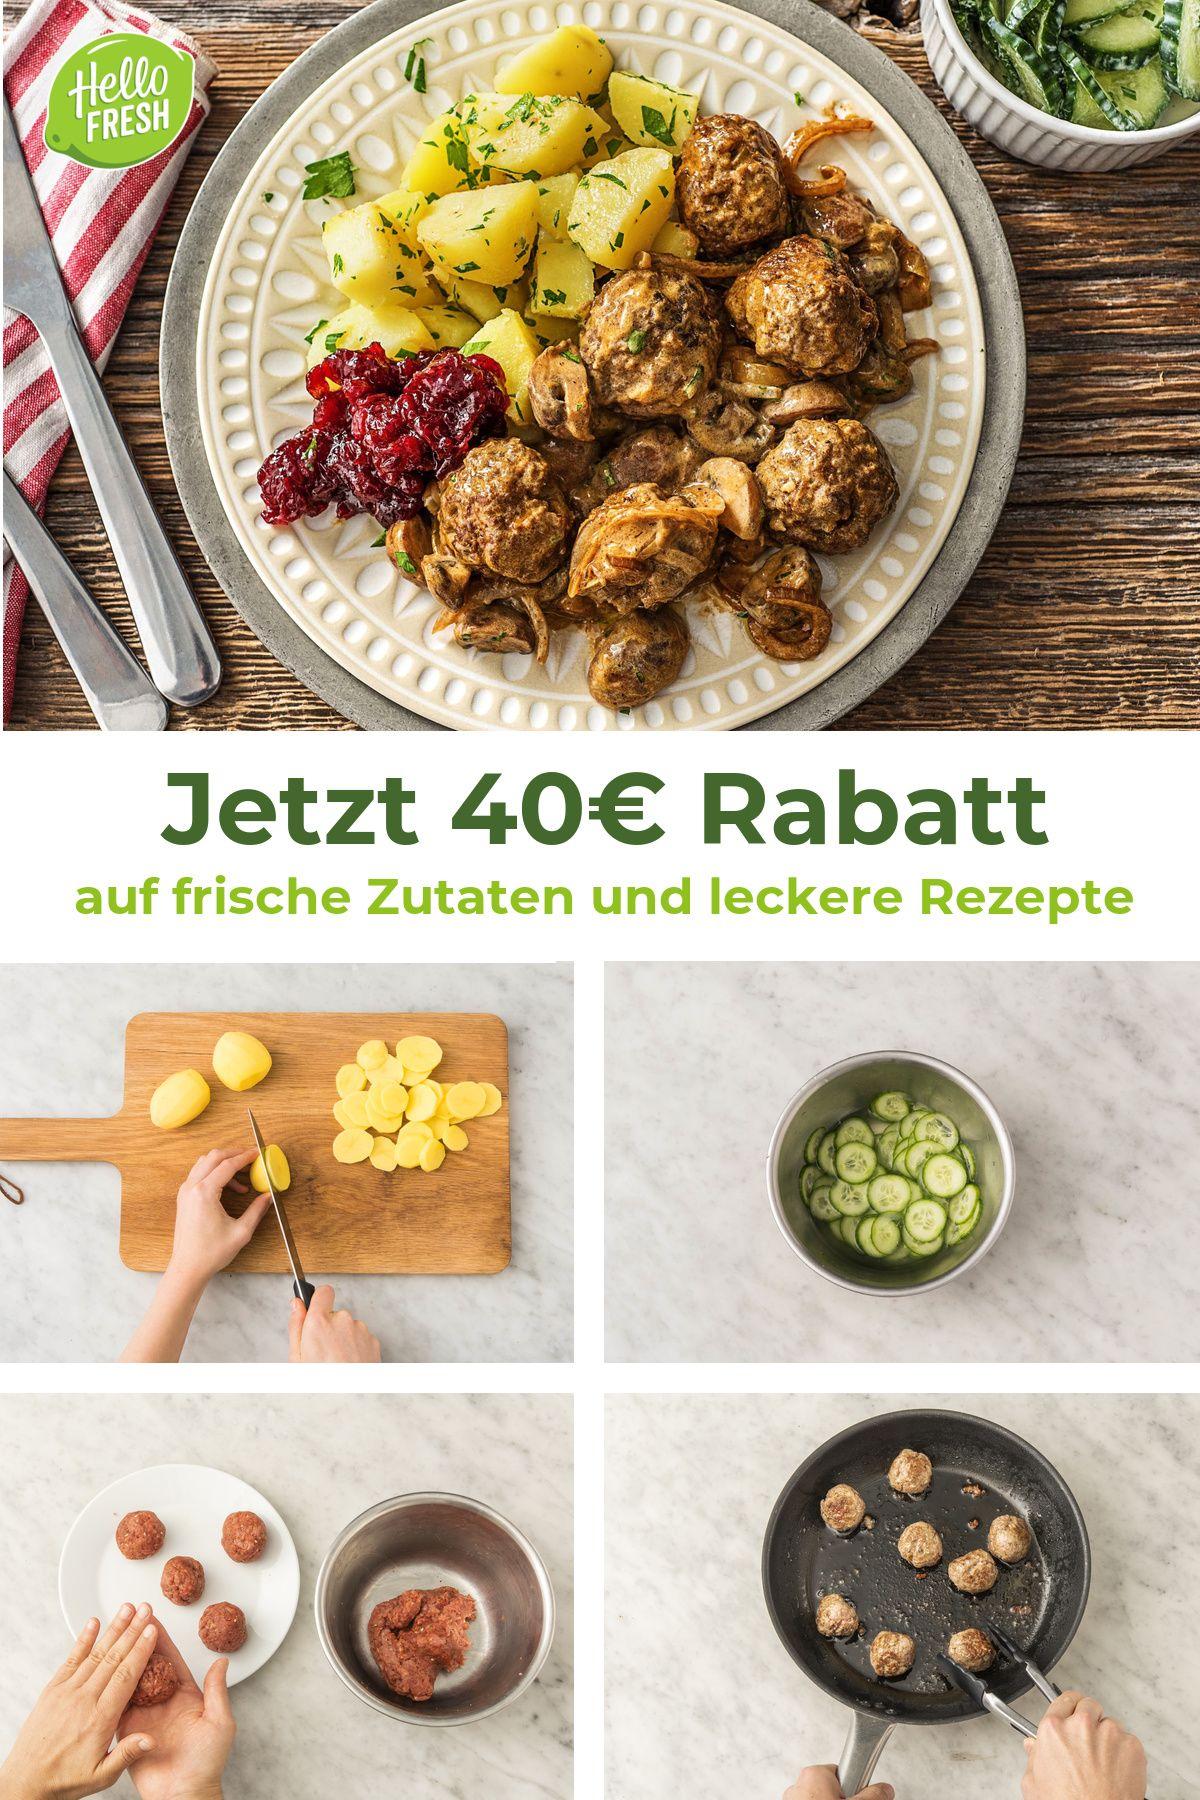 Kochen ohne Stress? Entdecke HelloFresh mit 40 € Rabatt #healthycrockpotchickenrecipes